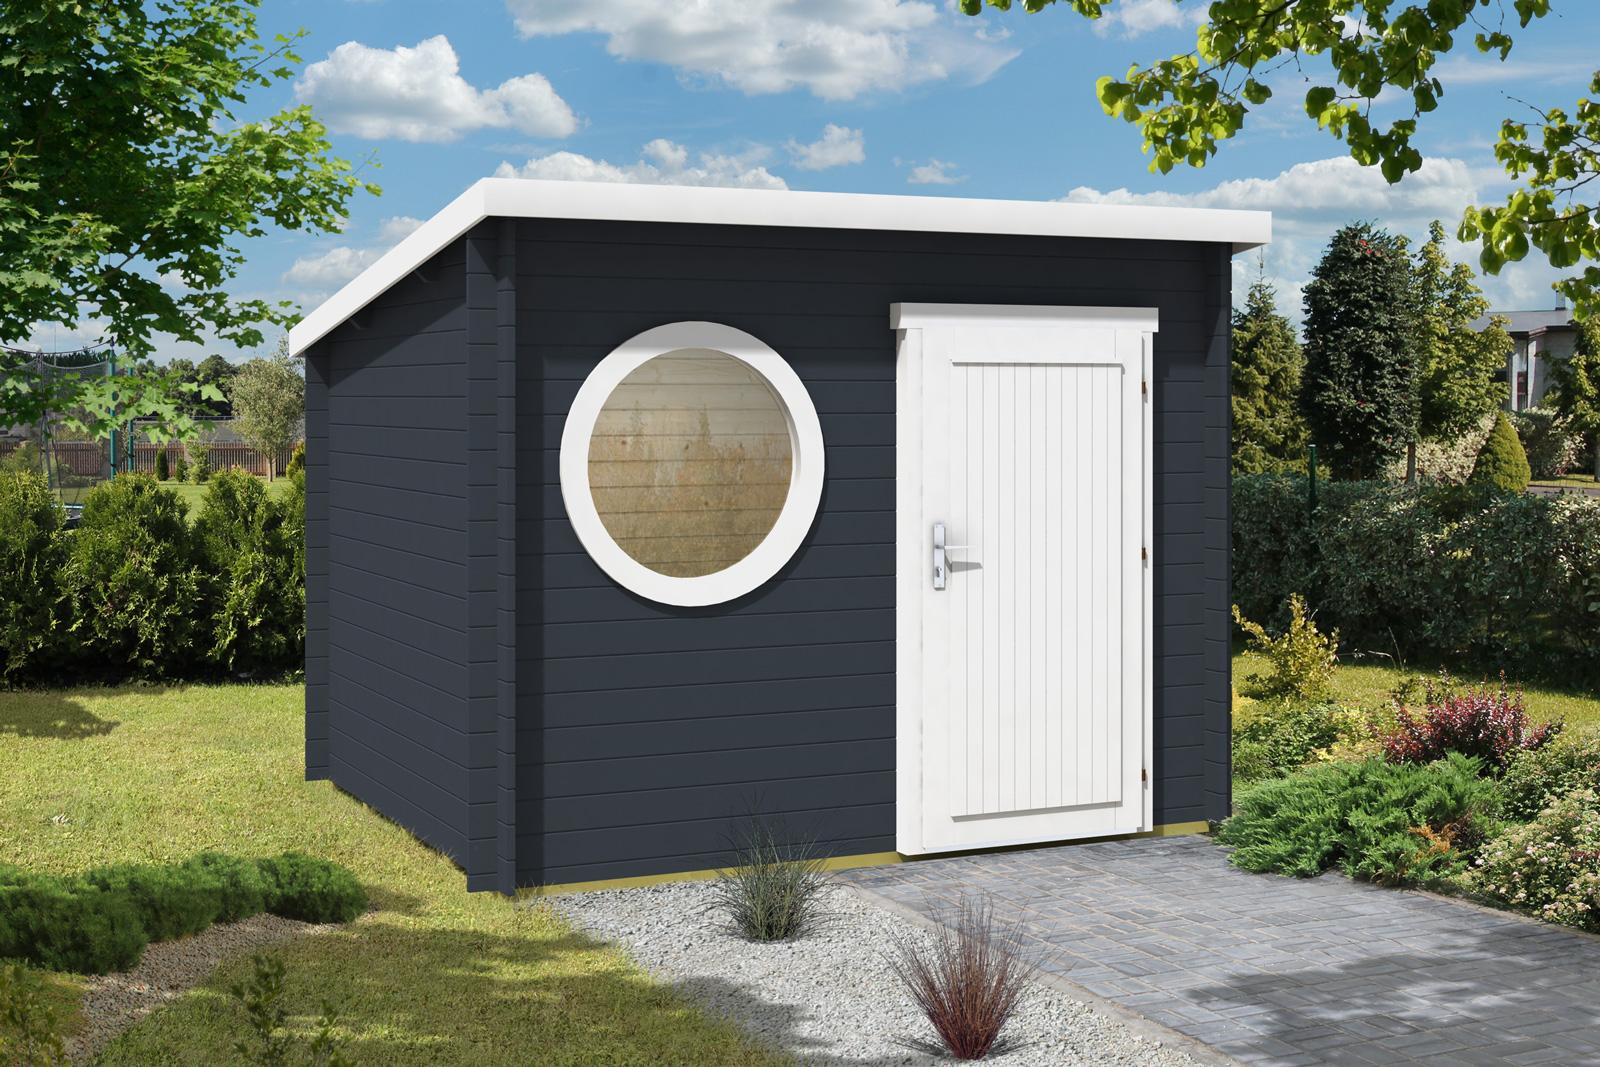 Gartenhaus maria rondo 44 a - Gartenhaus metall modern ...